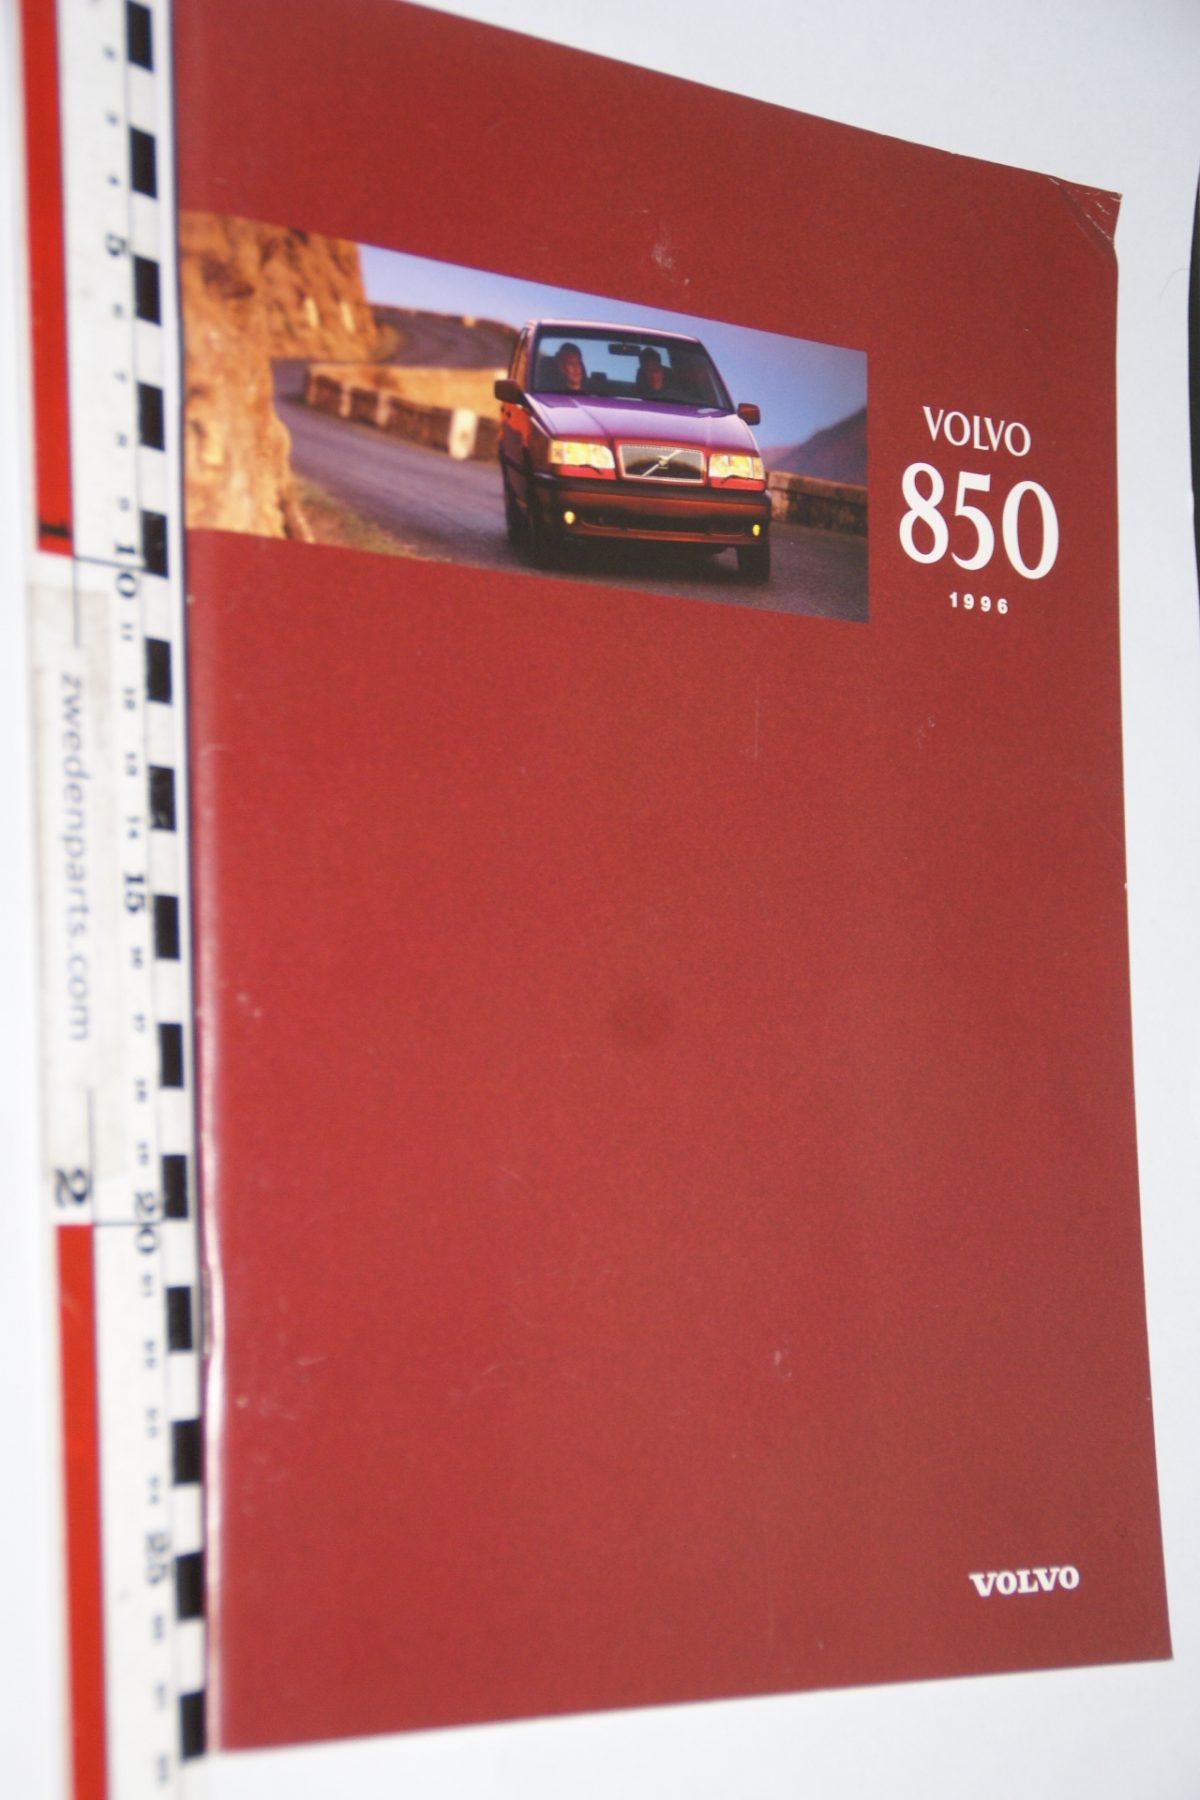 DSC06294 1996 brochure Volvo 850 nr MSPV 7450, Svenskt